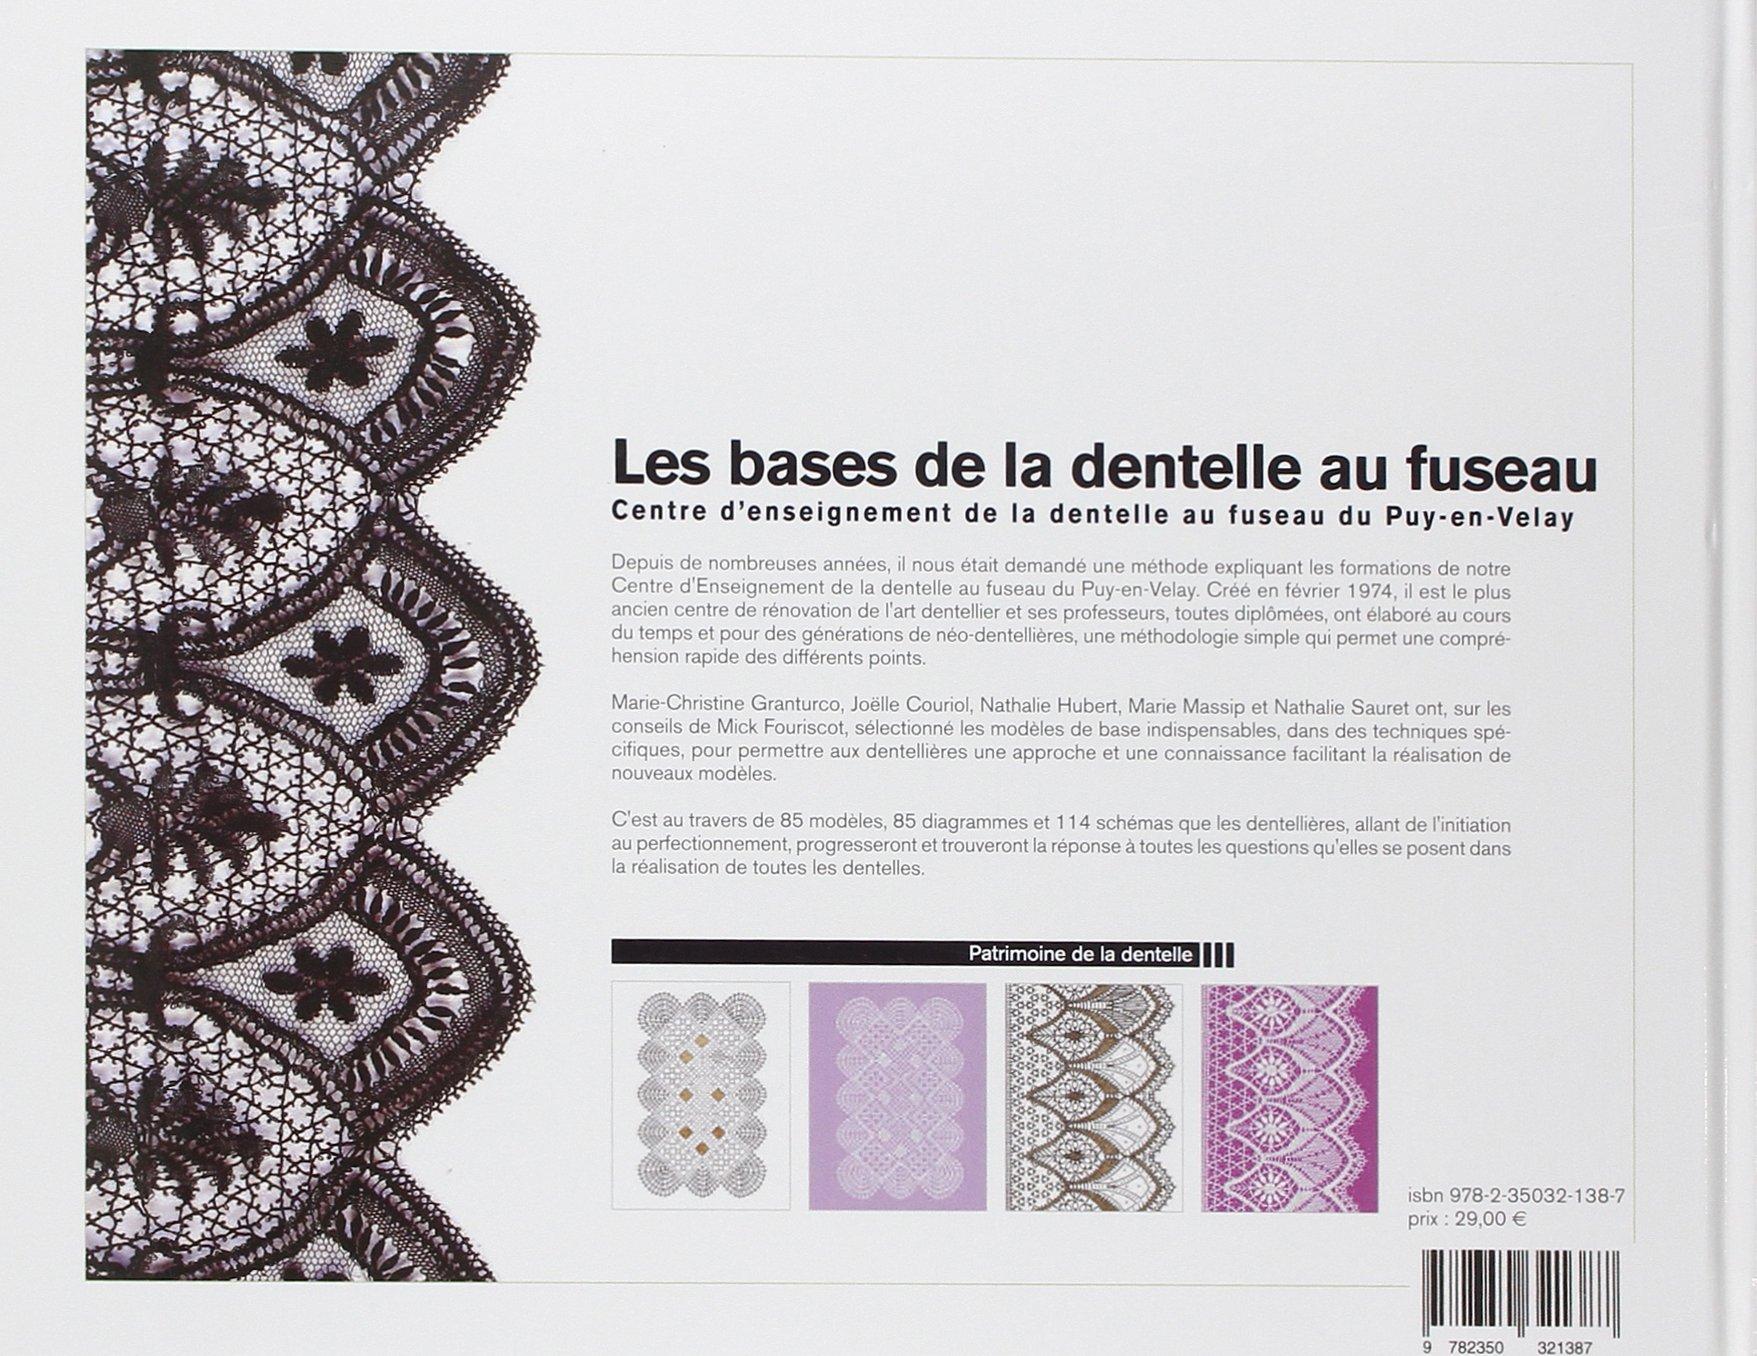 Dentelle Aux Fuseaux Technique De Base Chez L U0026 39 In U00e9dite